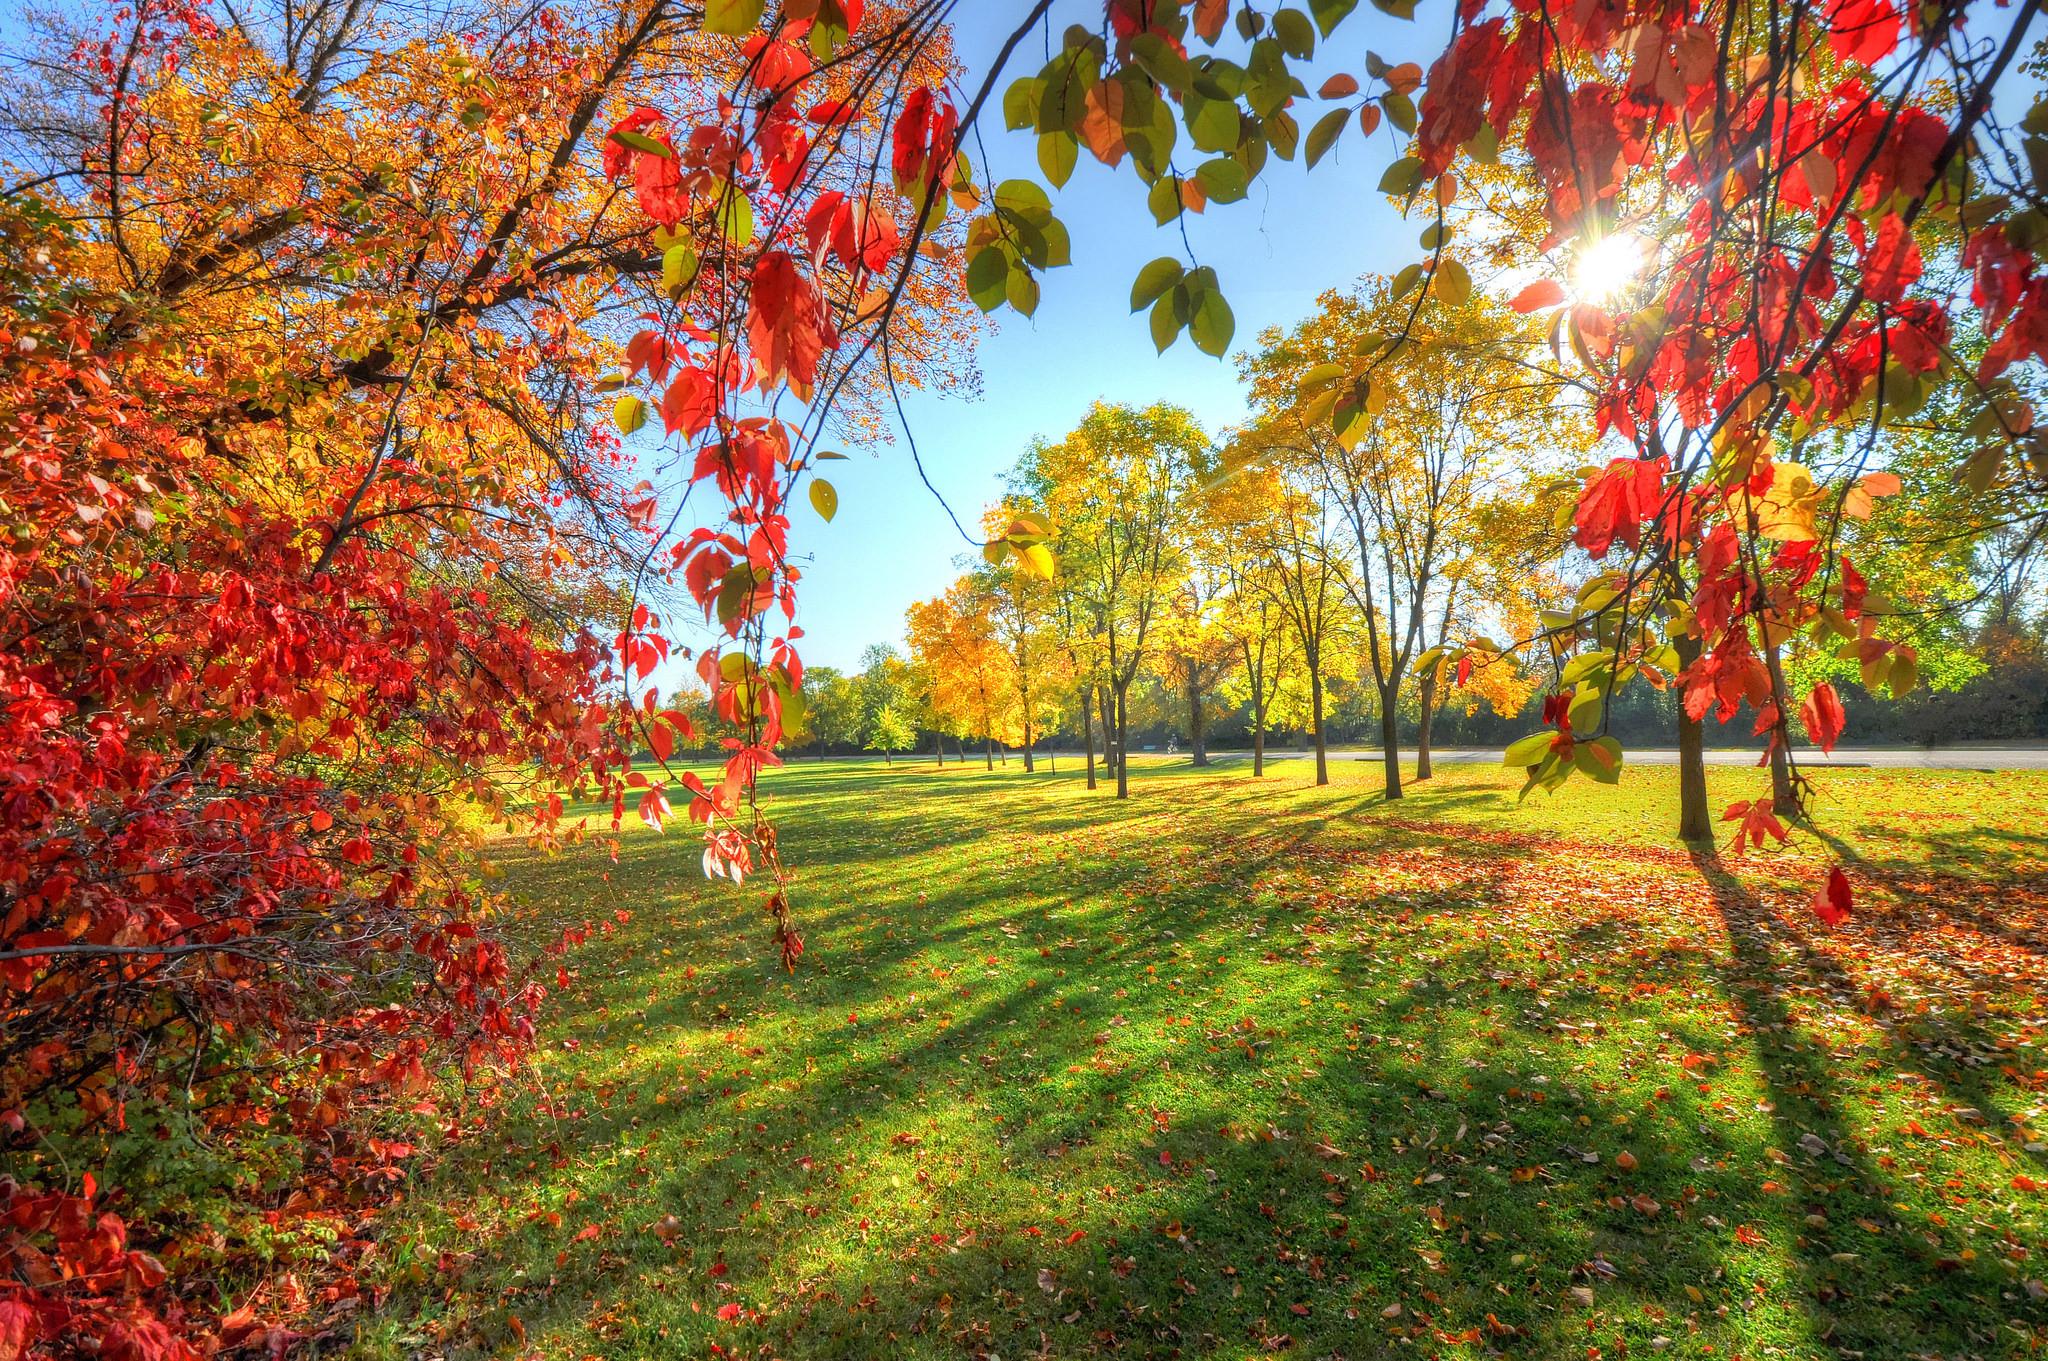 аллея из осенних деревьев скачать